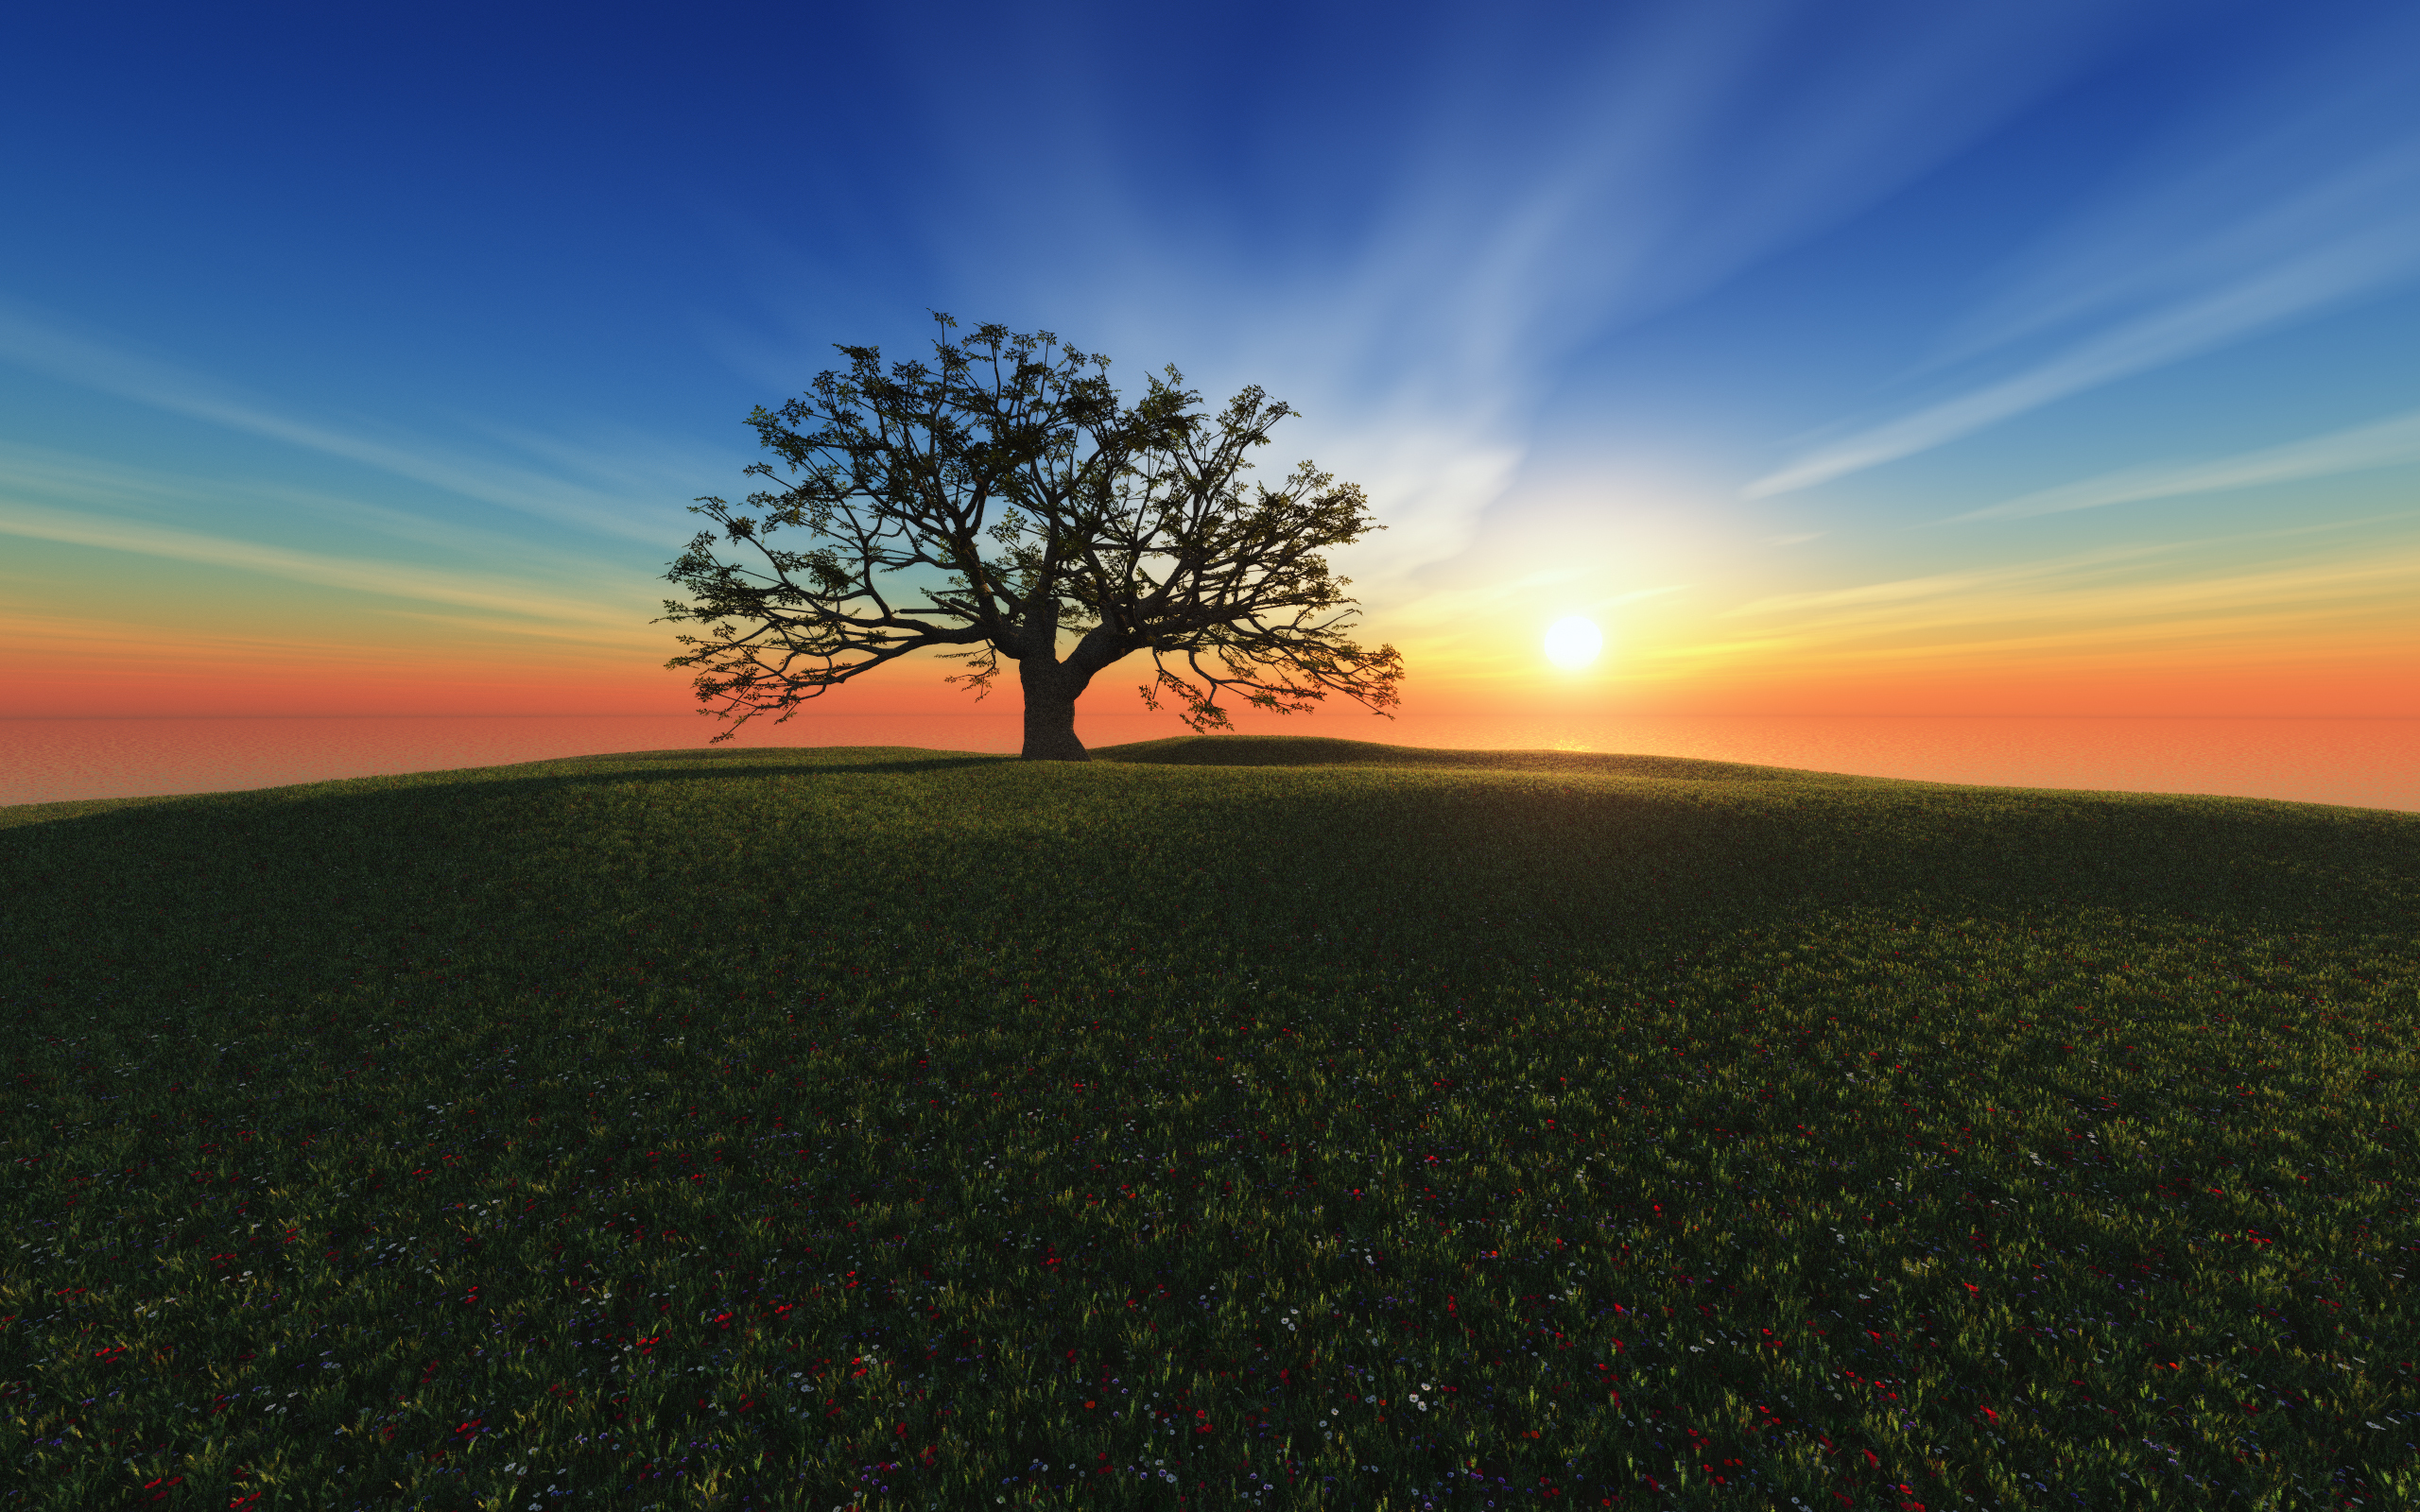 Закат дерево поля холмы  № 2965349 загрузить